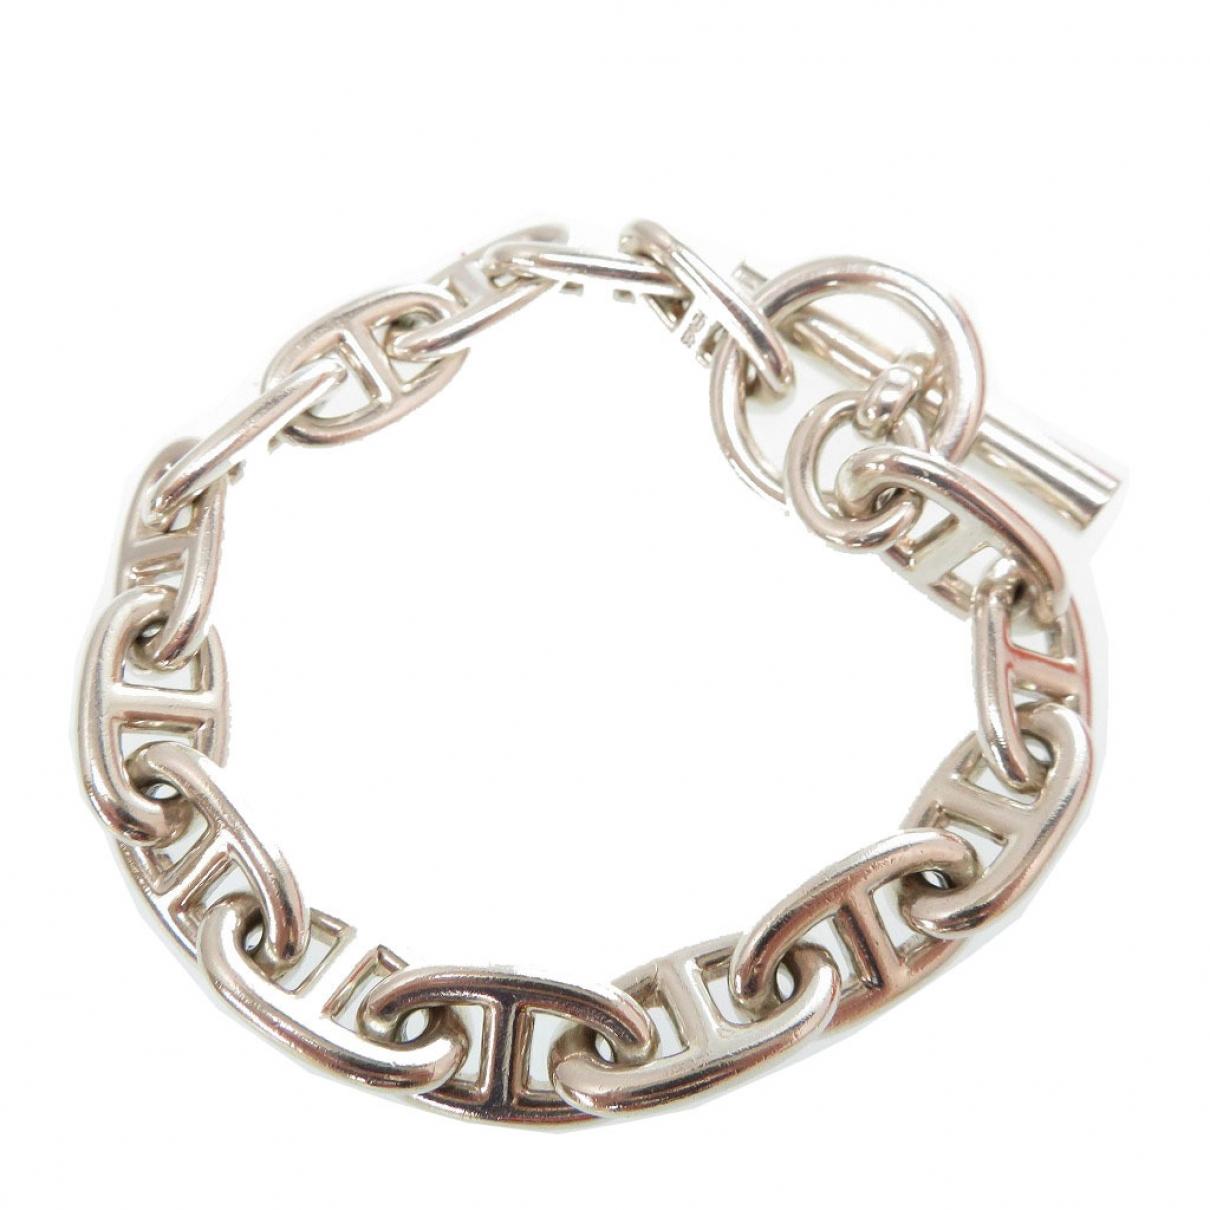 Hermes - Bracelet Chaine dAncre pour femme en argent - argente